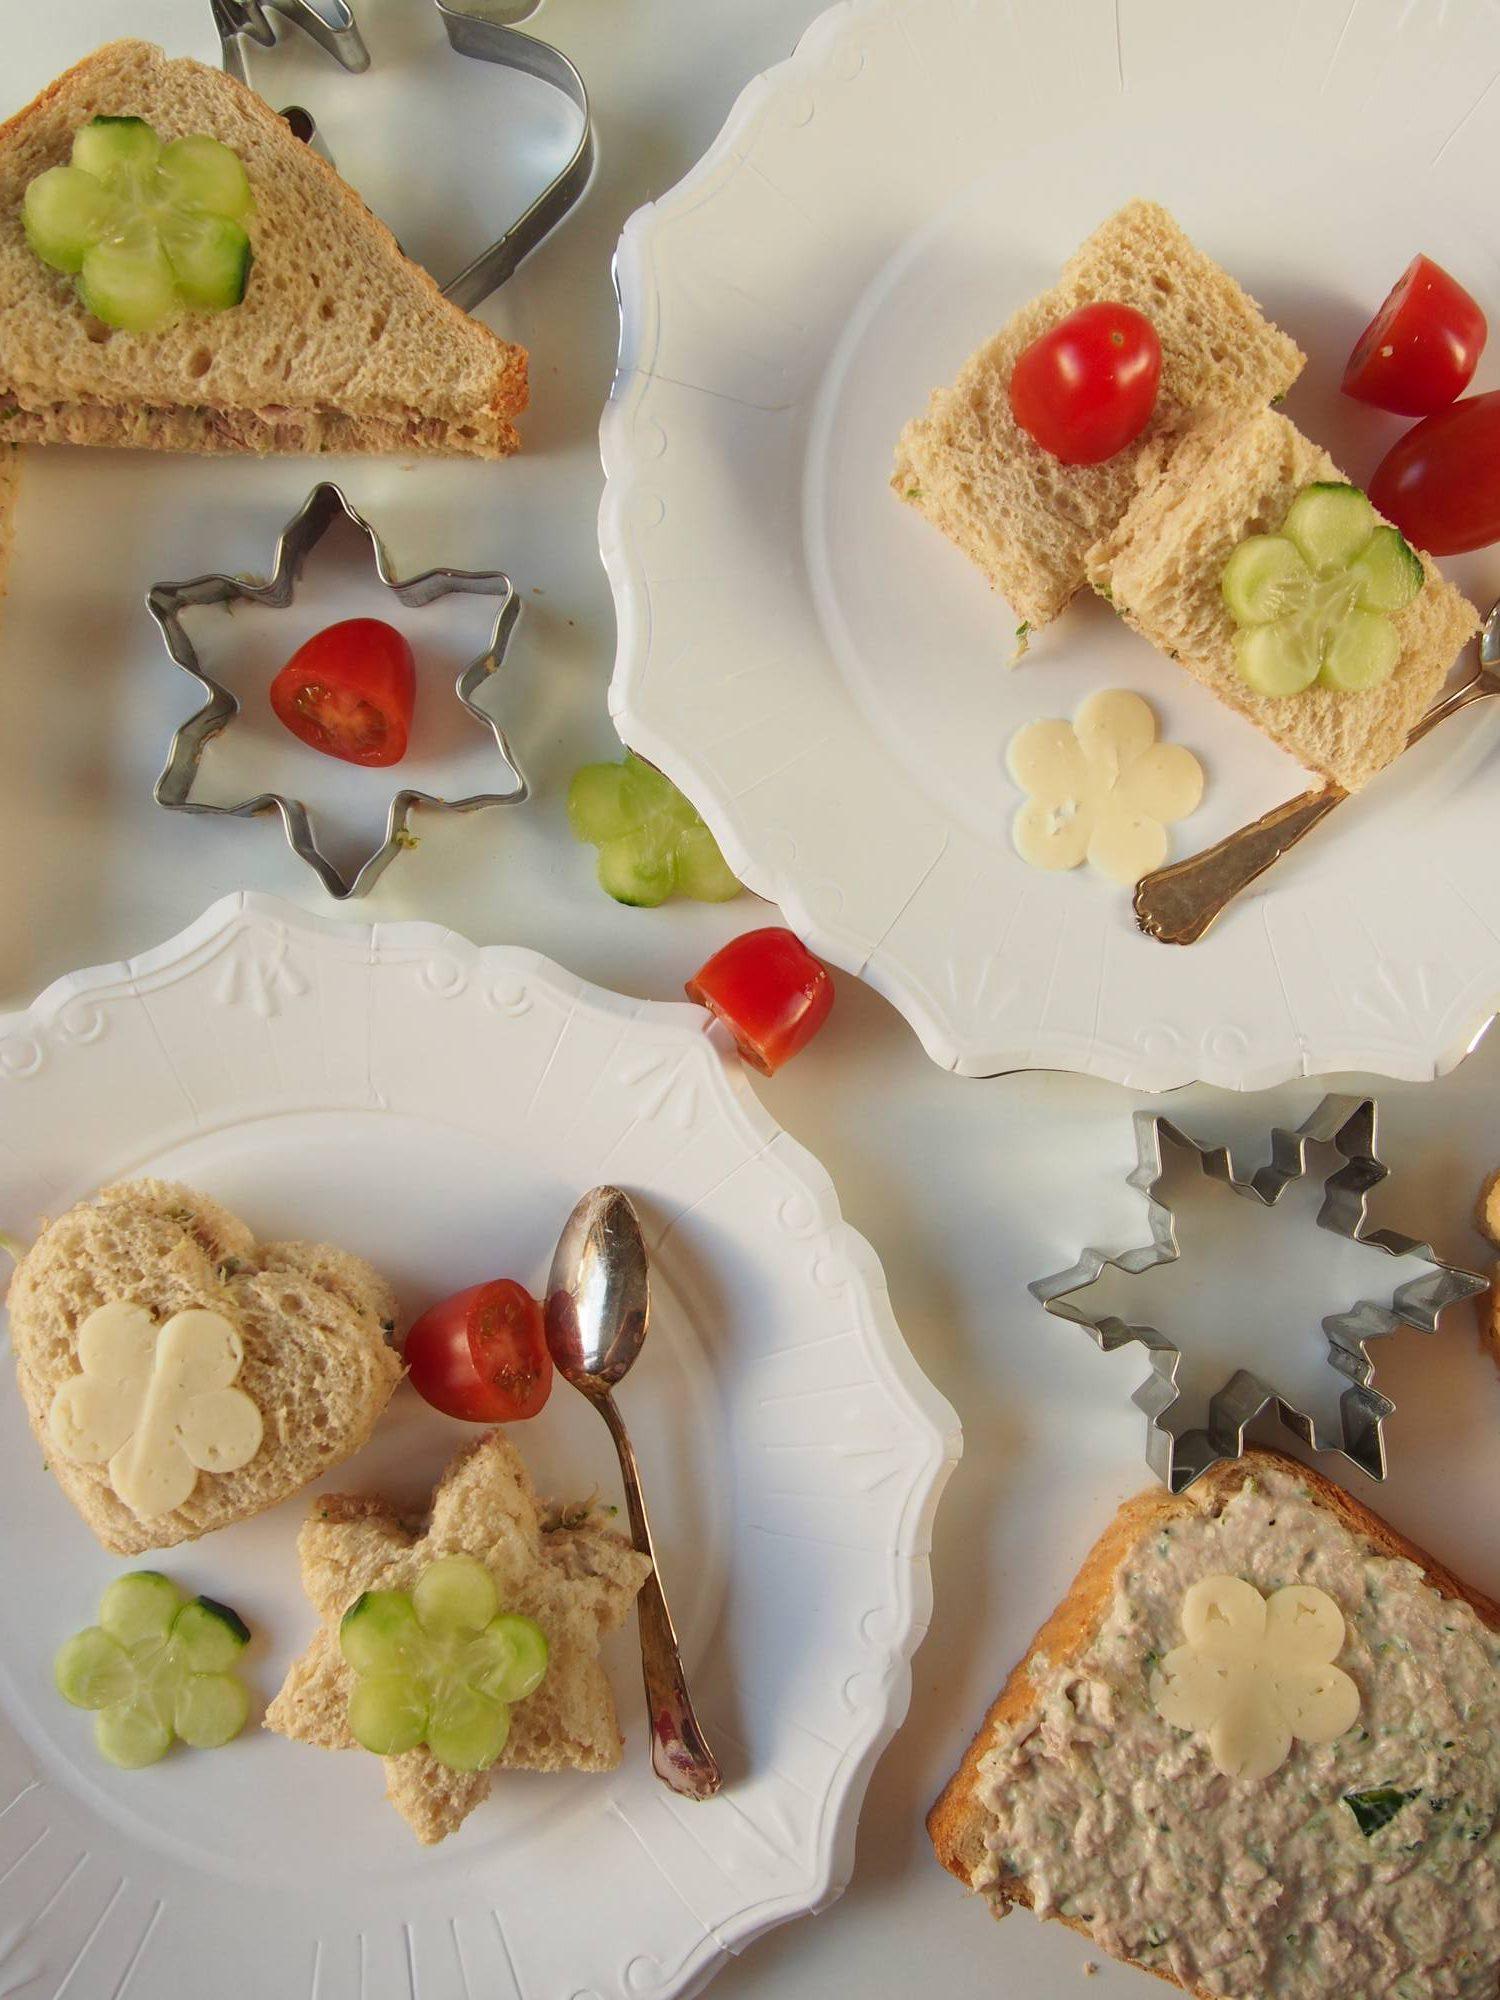 koululaisen välipalaksi tonnikalaleipiä